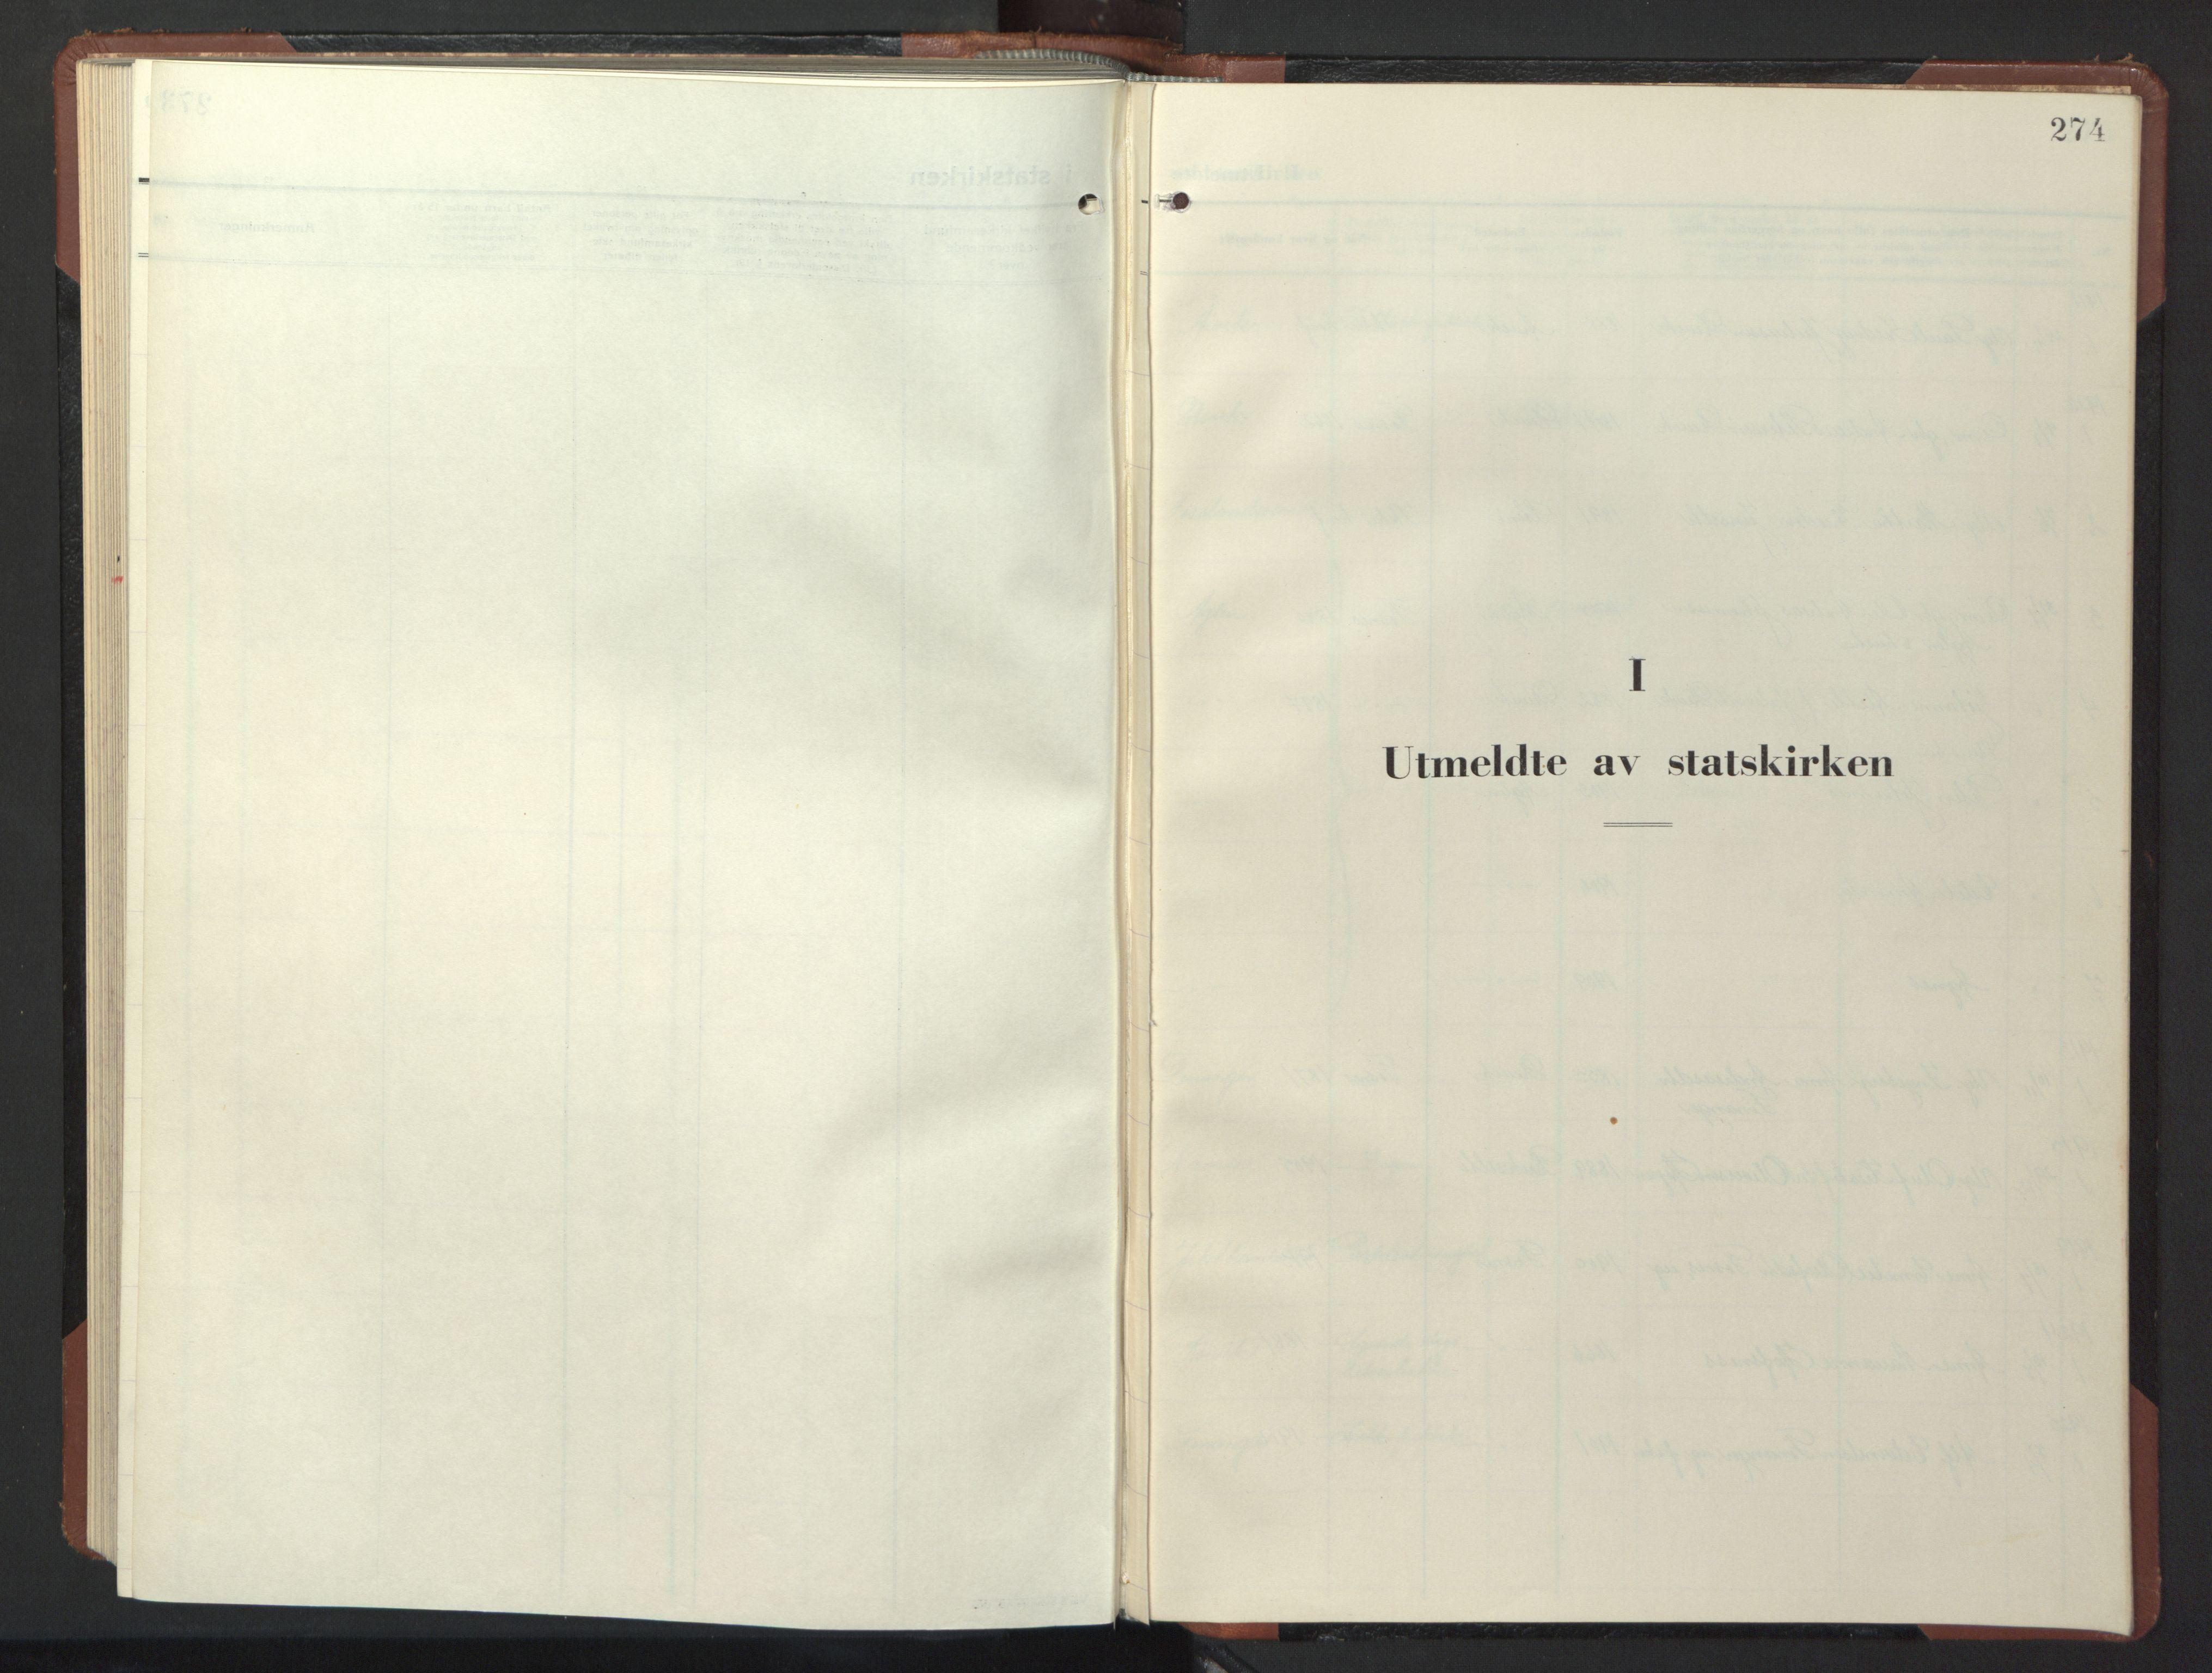 SAT, Ministerialprotokoller, klokkerbøker og fødselsregistre - Nord-Trøndelag, 773/L0625: Klokkerbok nr. 773C01, 1910-1952, s. 274